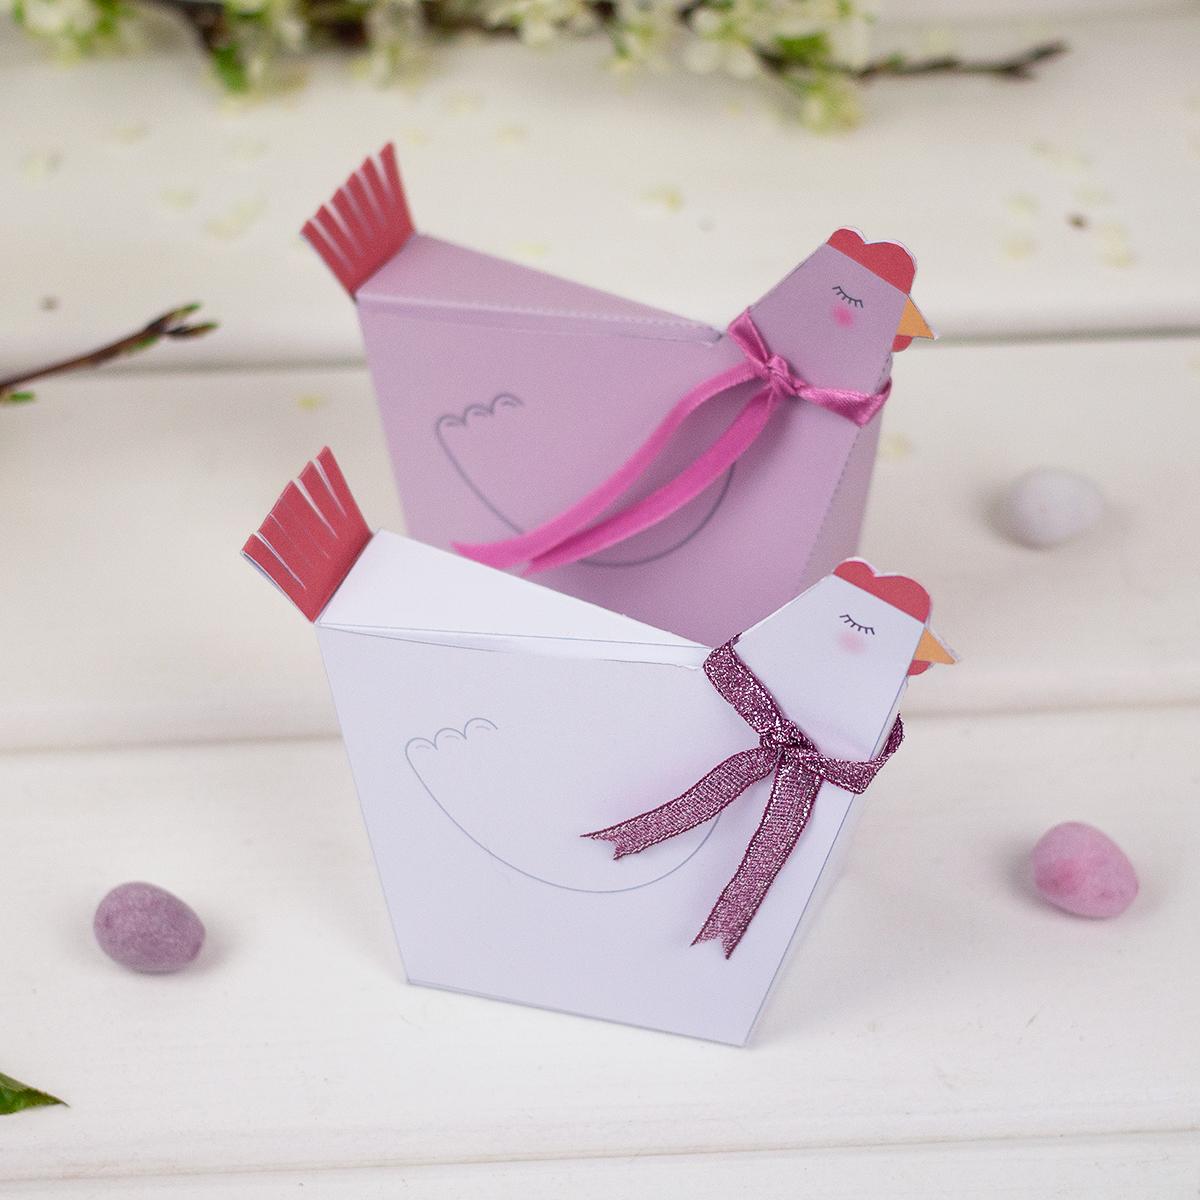 Pudełka kurki - wielkanocne dekoracje z papieru